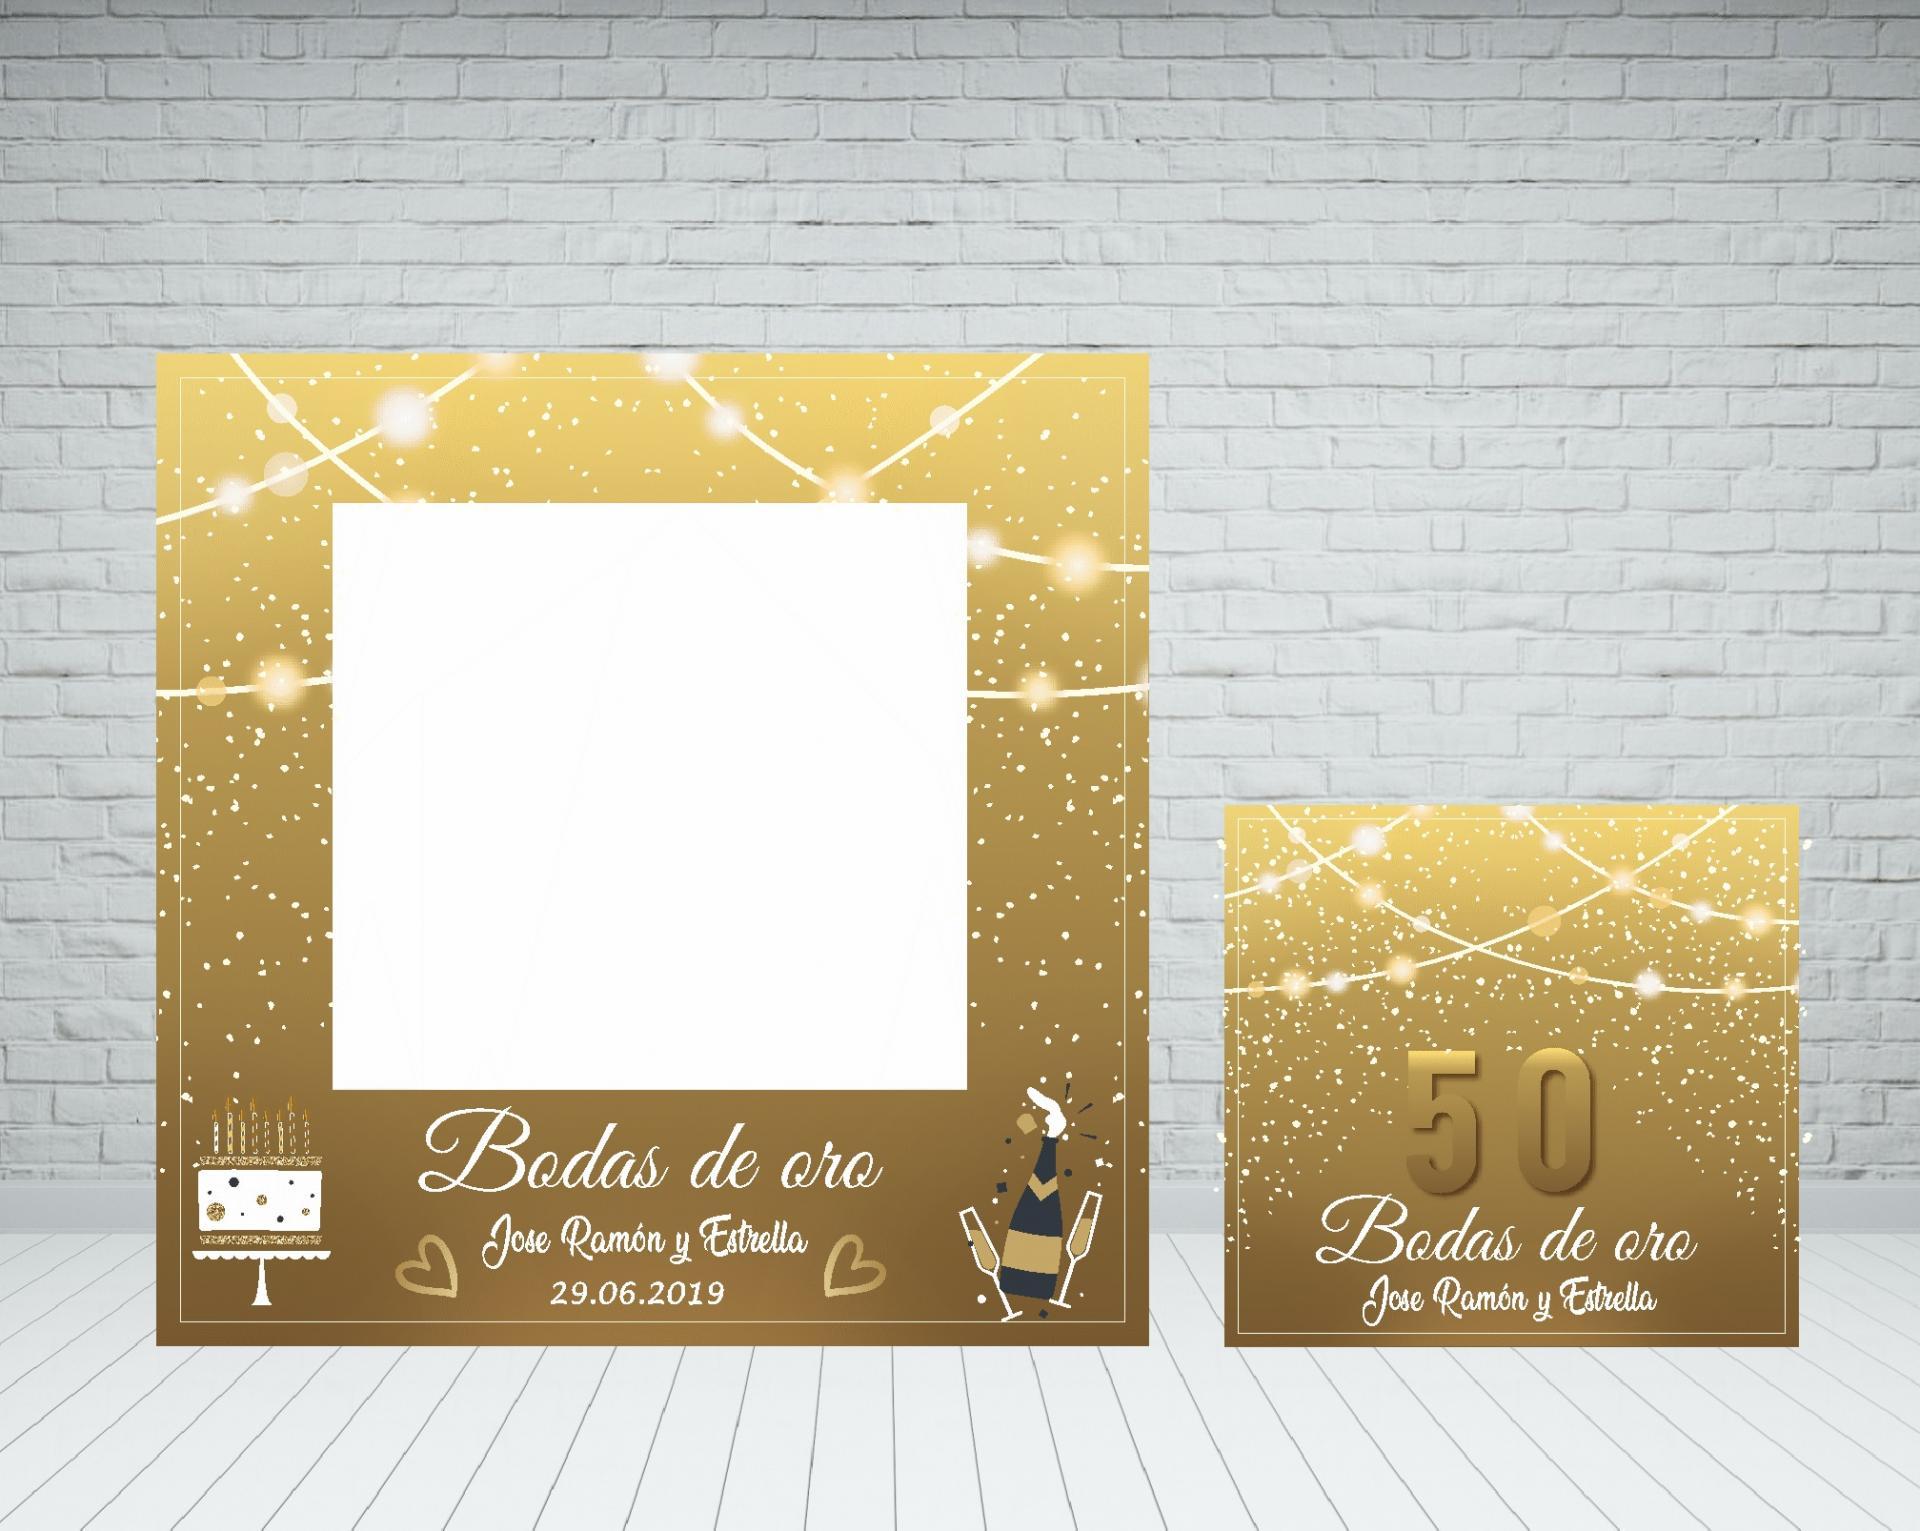 Marco photocall bodas de oro